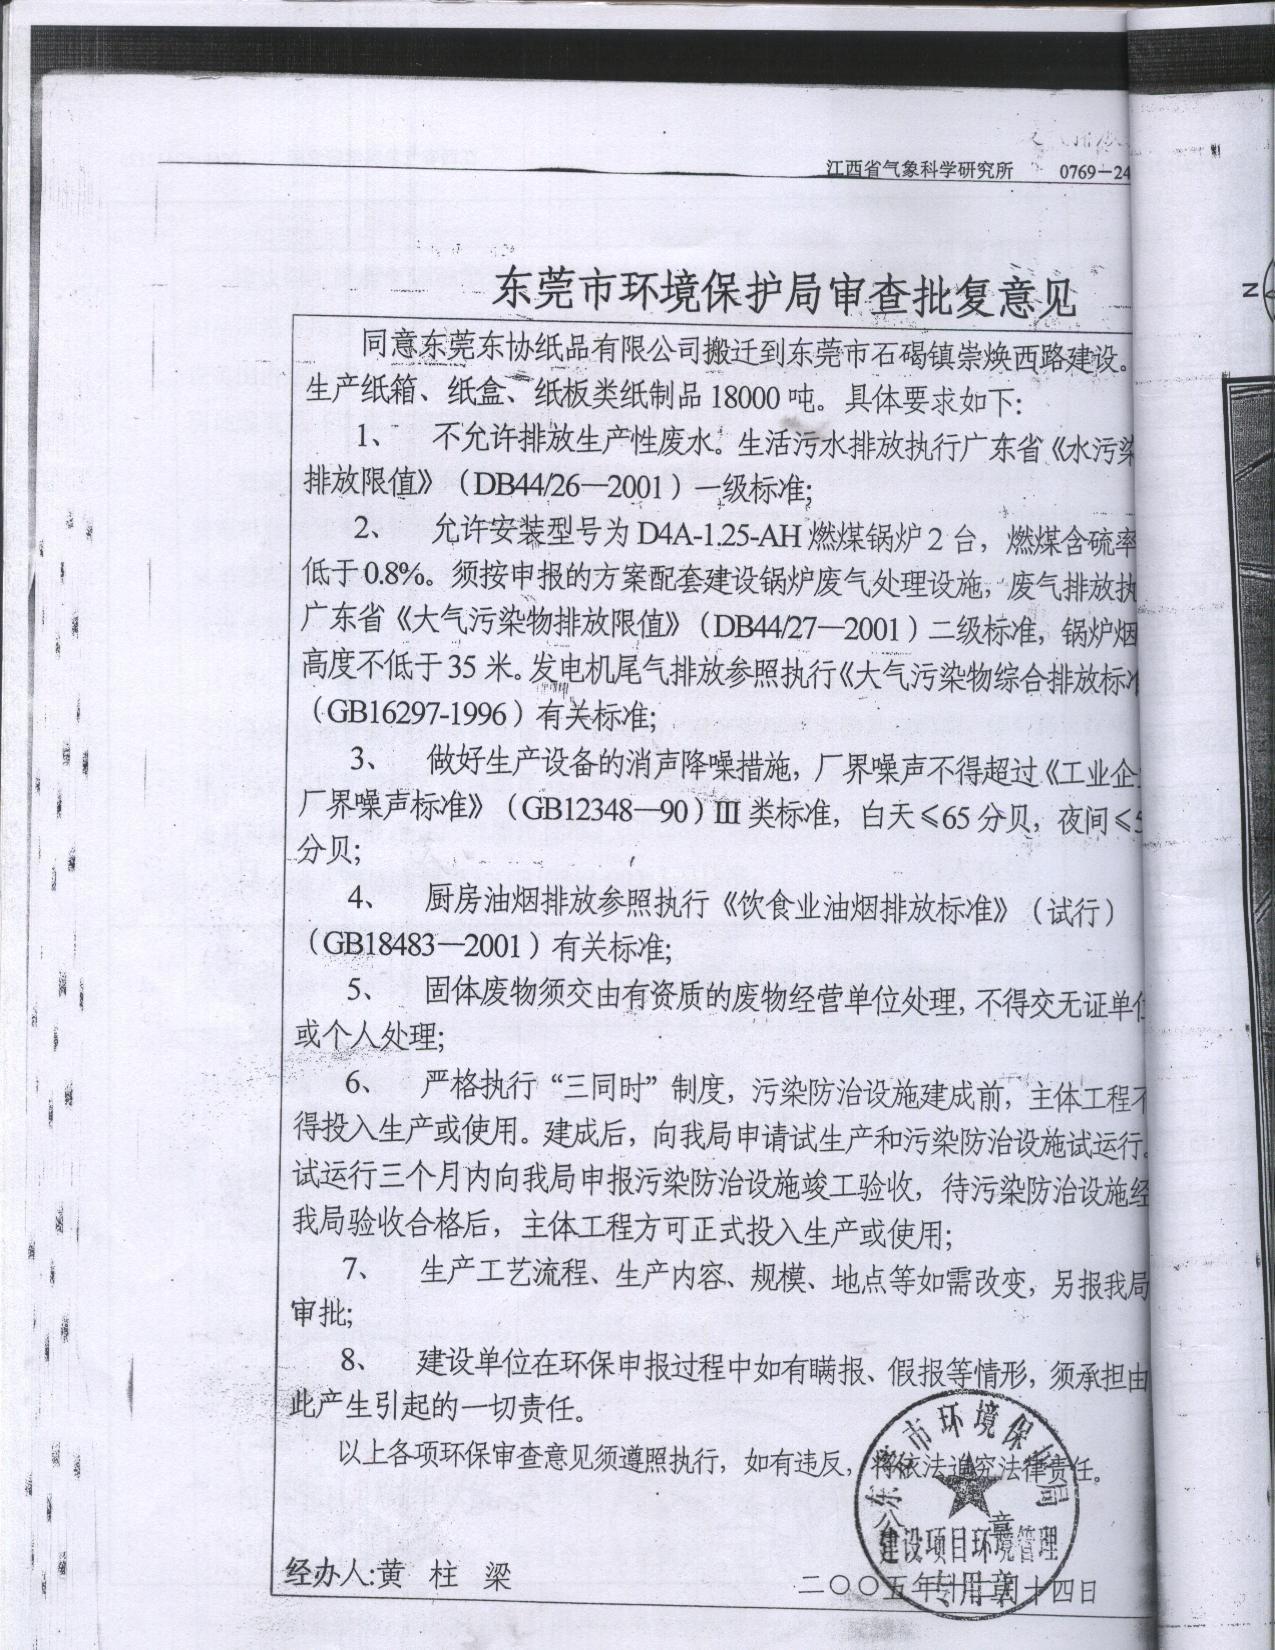 東莞環評報告機構,辦好環評批復